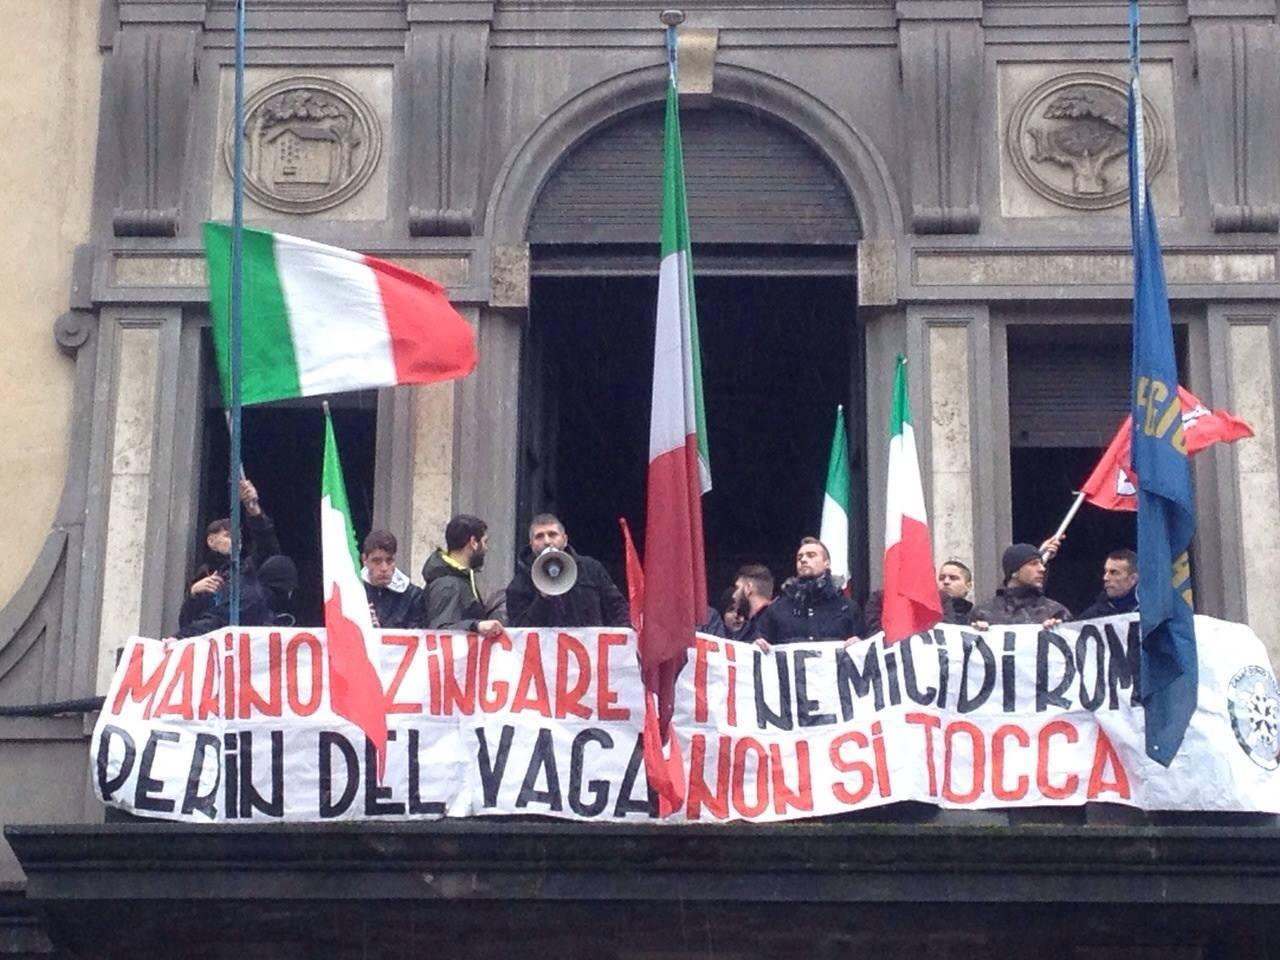 Desalojo de la Sede del Blocco Studentesco en Roma. Los Patriotas, marginados del Sistema.